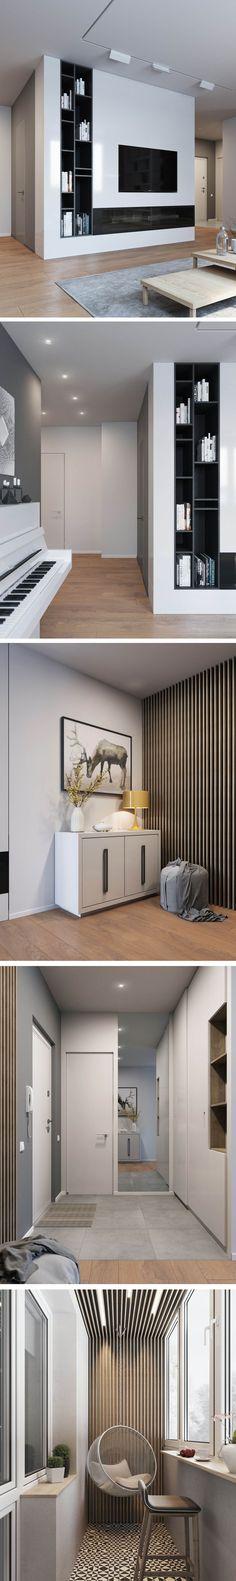 Сozy minimalism - Галерея 3ddd.ru